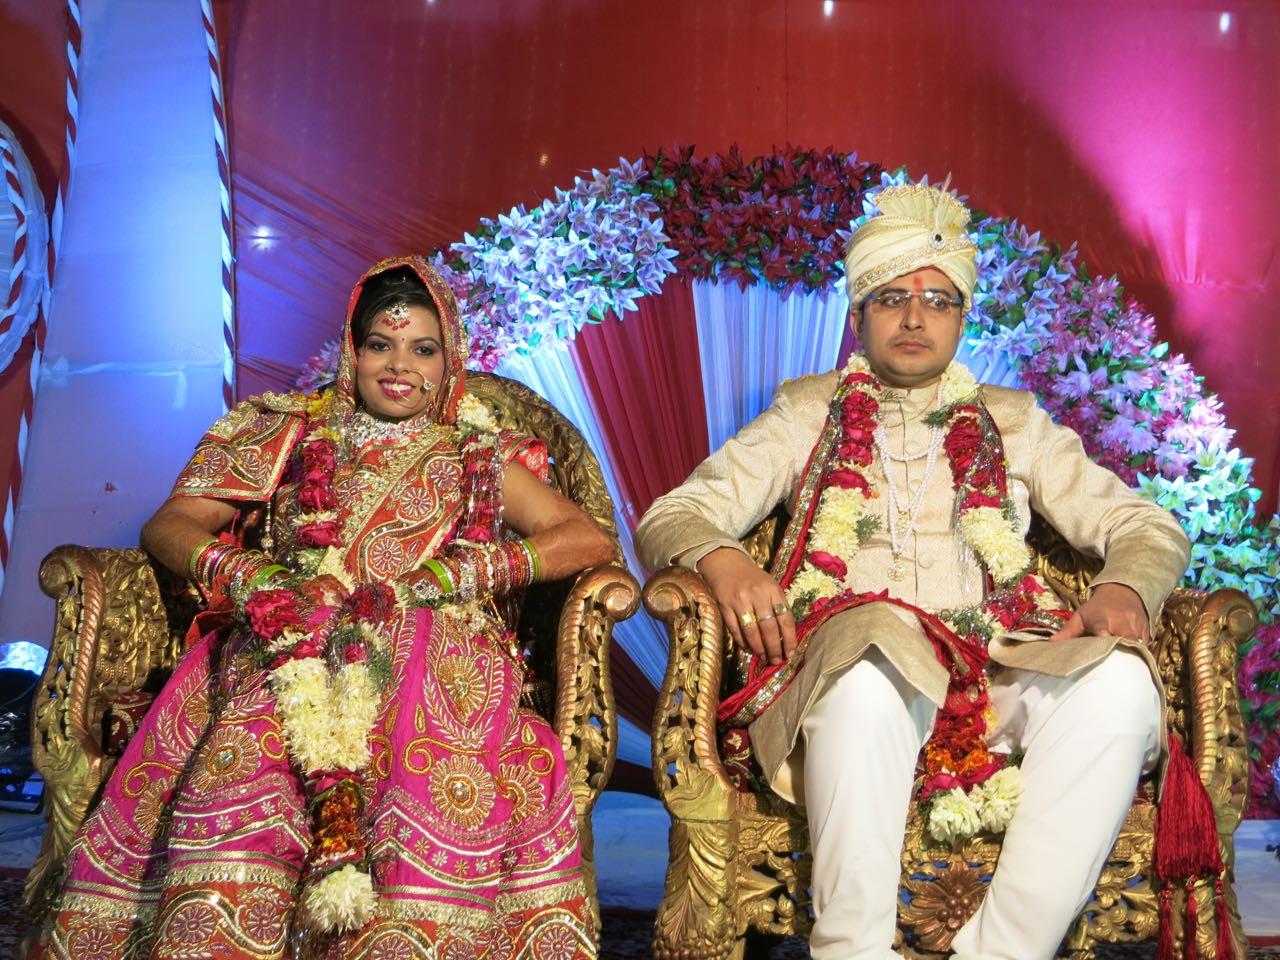 Indische Hochzeit Kleidung  Opfern schmausen feiern eine indische Hochzeit